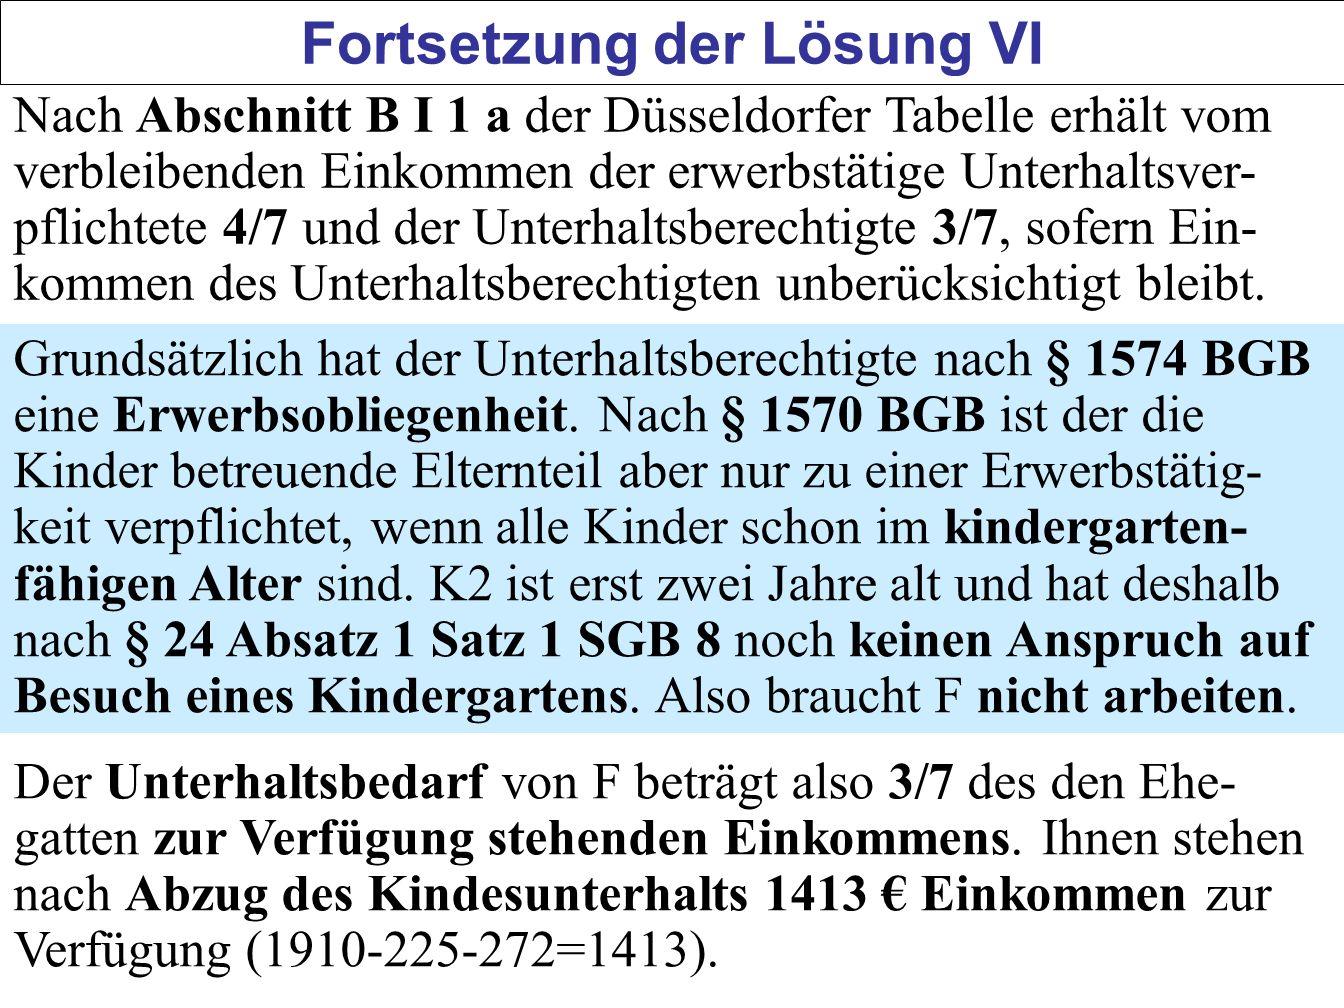 129 Fortsetzung der Lösung VI Nach Abschnitt B I 1 a der Düsseldorfer Tabelle erhält vom verbleibenden Einkommen der erwerbstätige Unterhaltsver- pfli